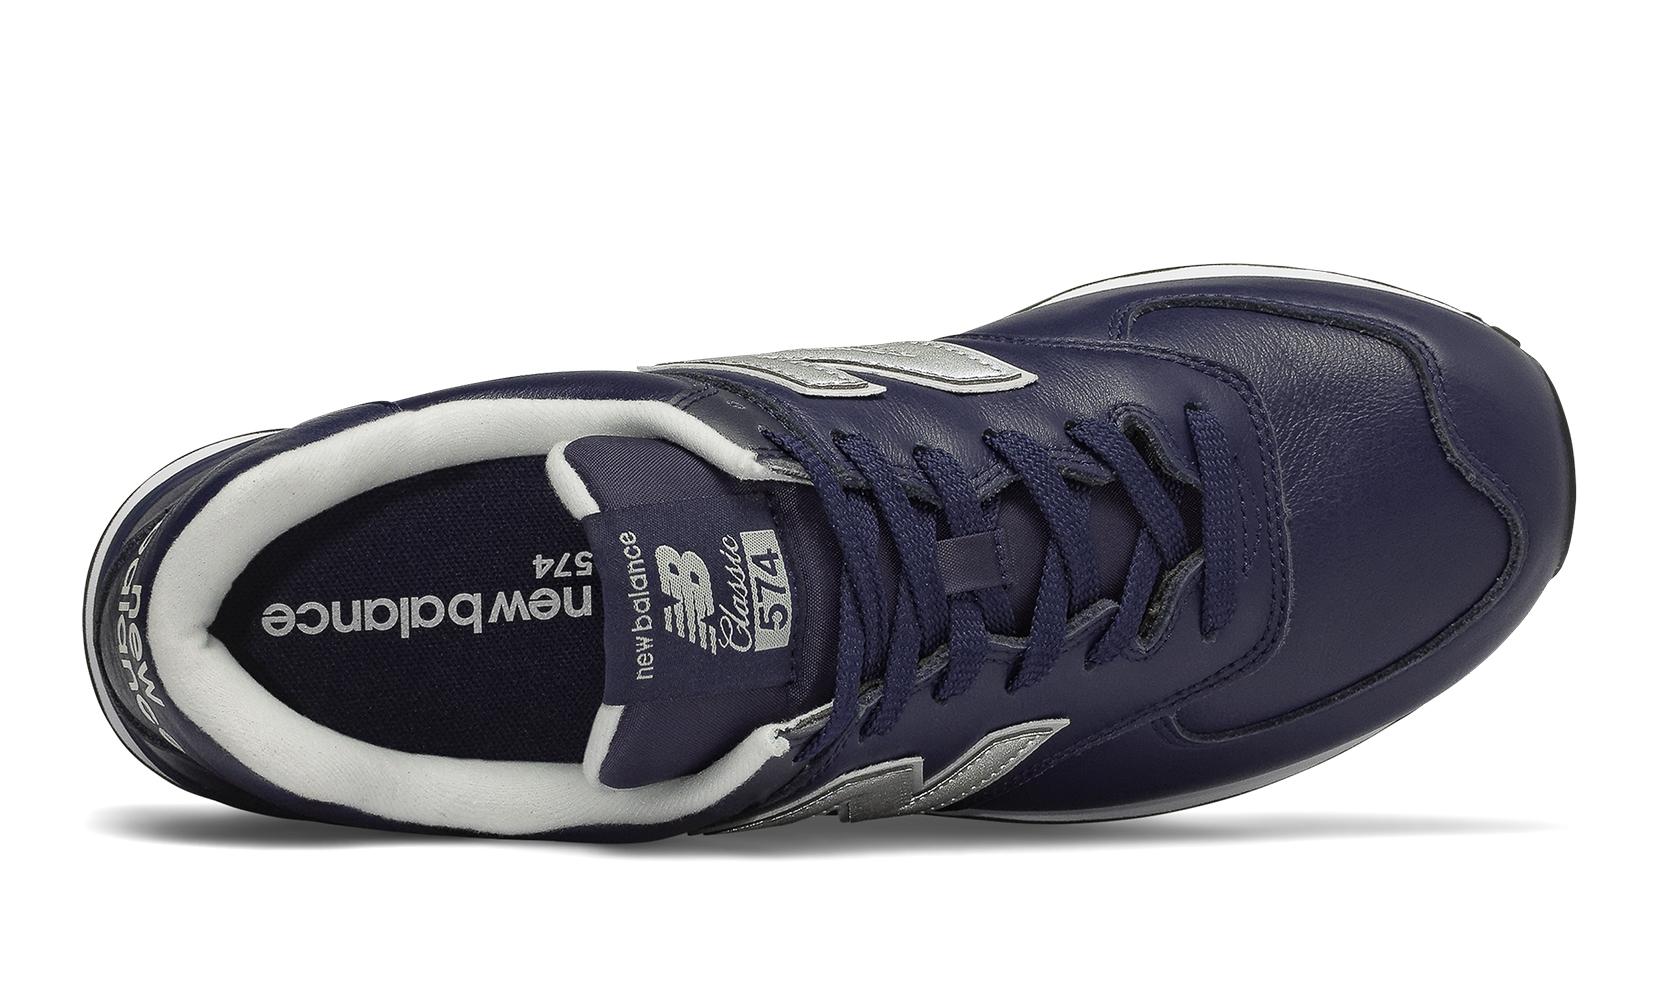 Чоловіче взуття повсякденне New Balance 574 Leather ML574LPN | New Balance